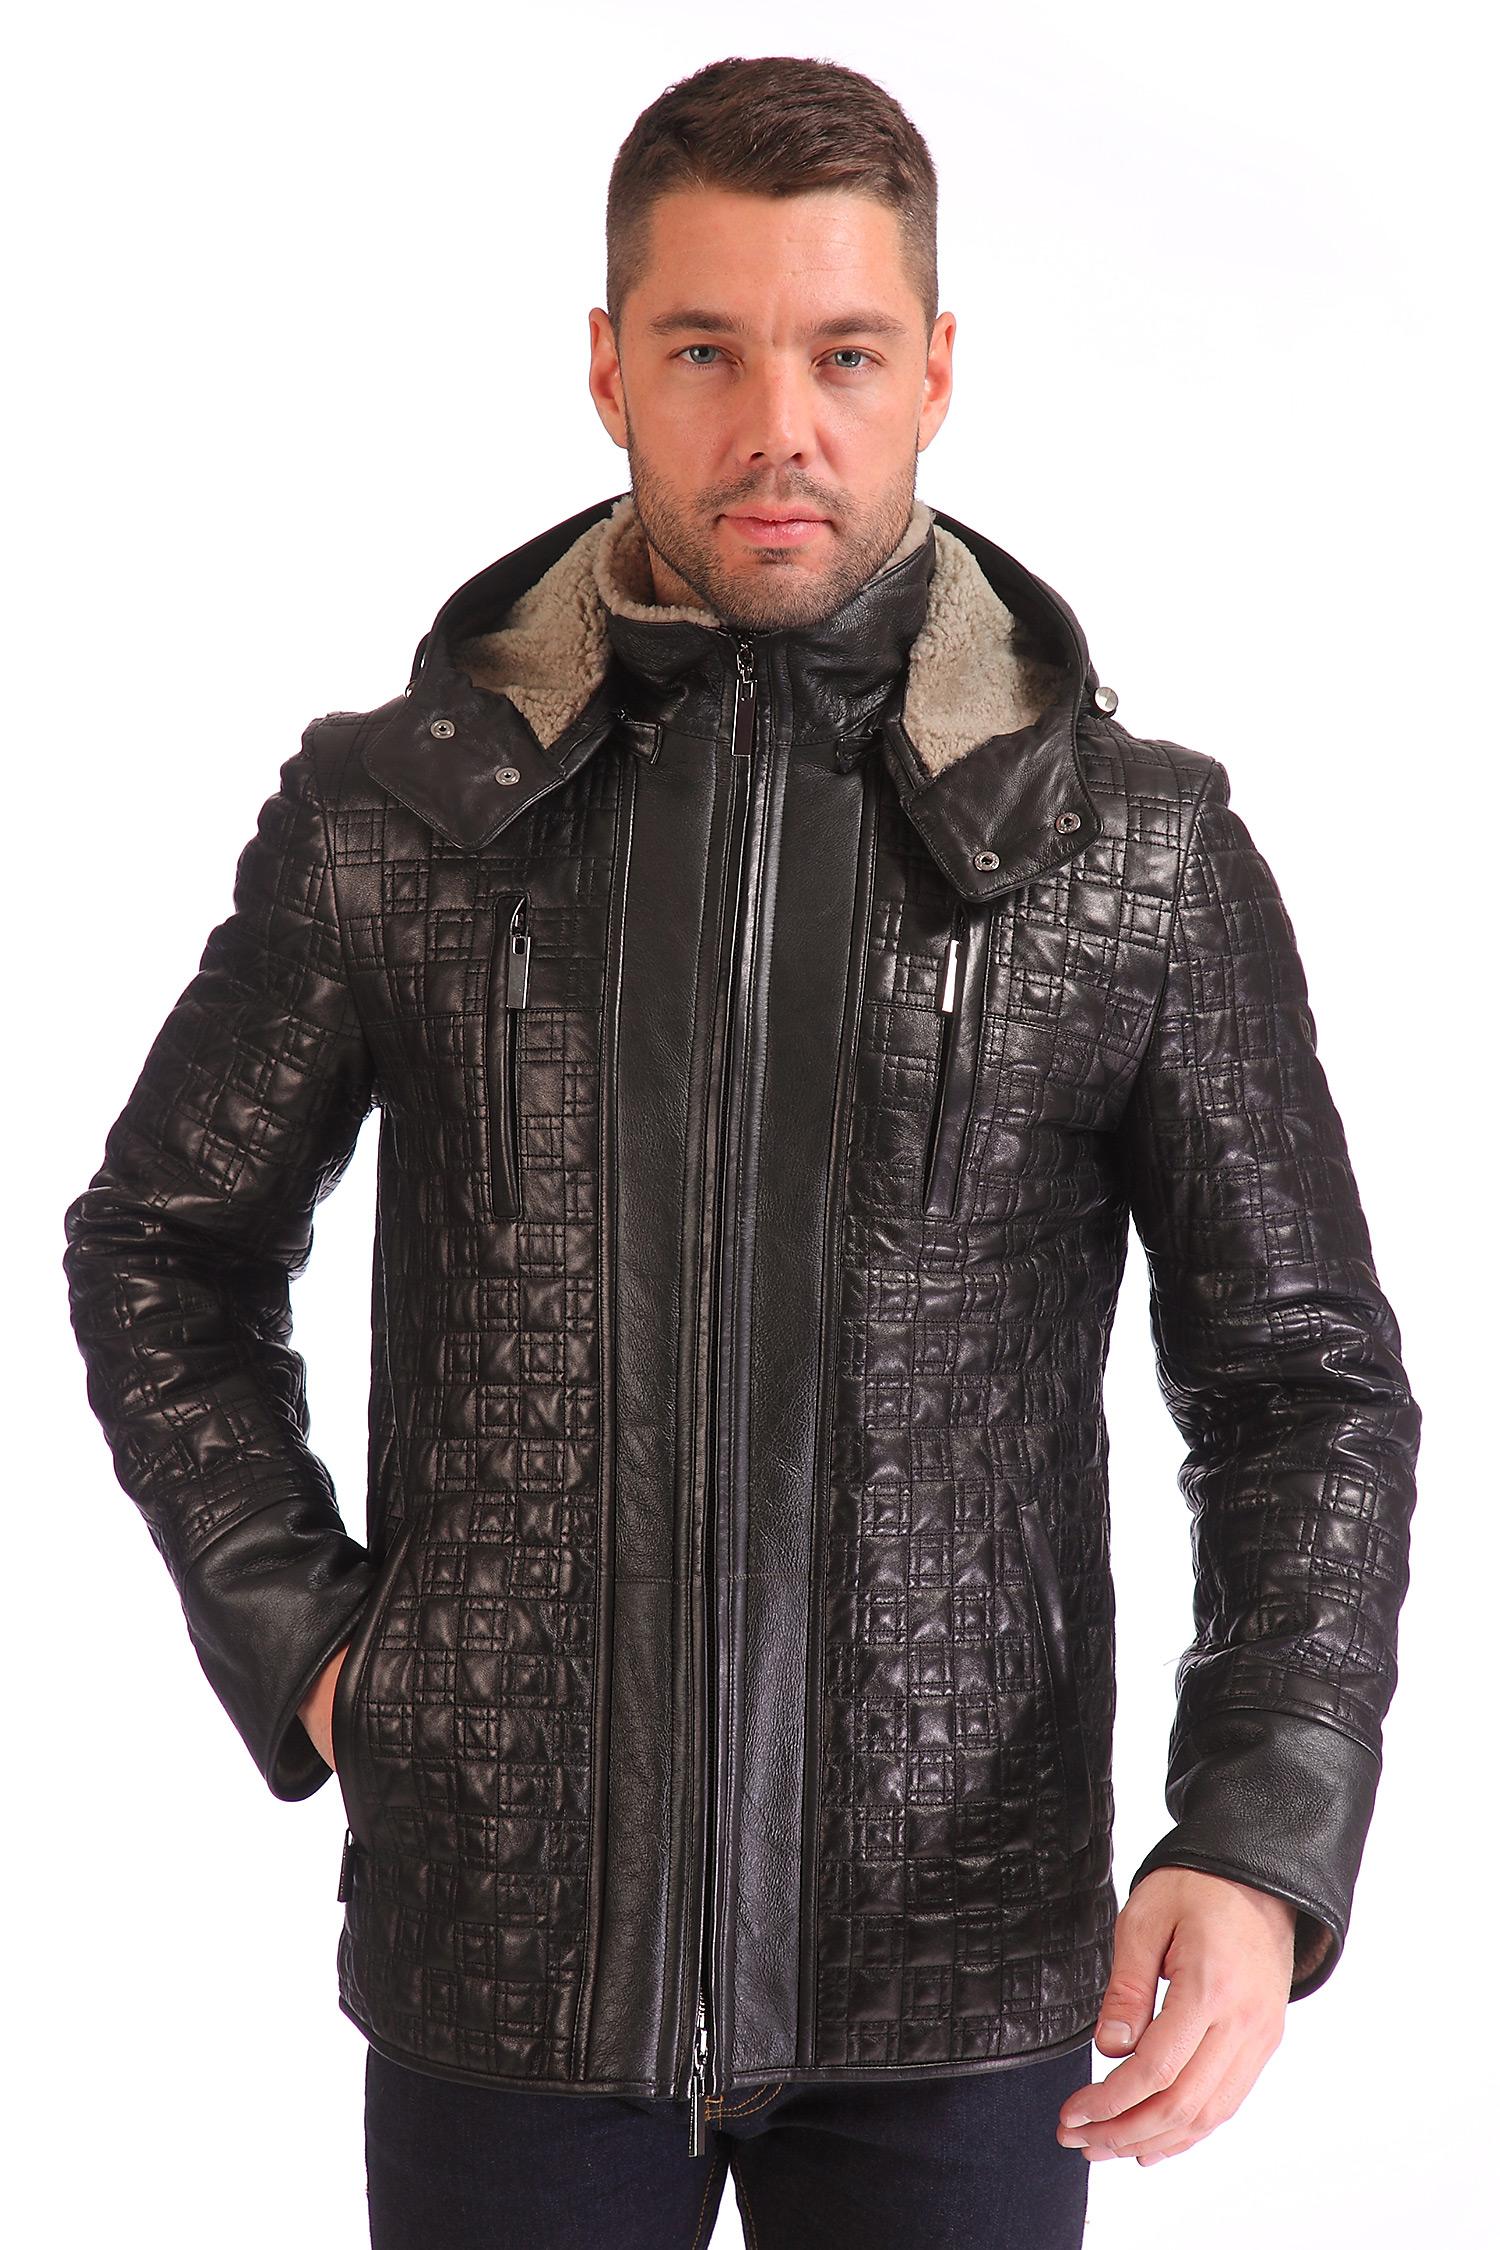 Мужская кожаная куртка из натуральной кожи с капюшоном, отделка овчина<br><br>Воротник: съемный капюшон<br>Длина см: Средняя (75-89 )<br>Материал: Кожа овчина<br>Цвет: коричневый<br>Вид застежки: центральная<br>Застежка: на молнии<br>Пол: Мужской<br>Размер RU: 52